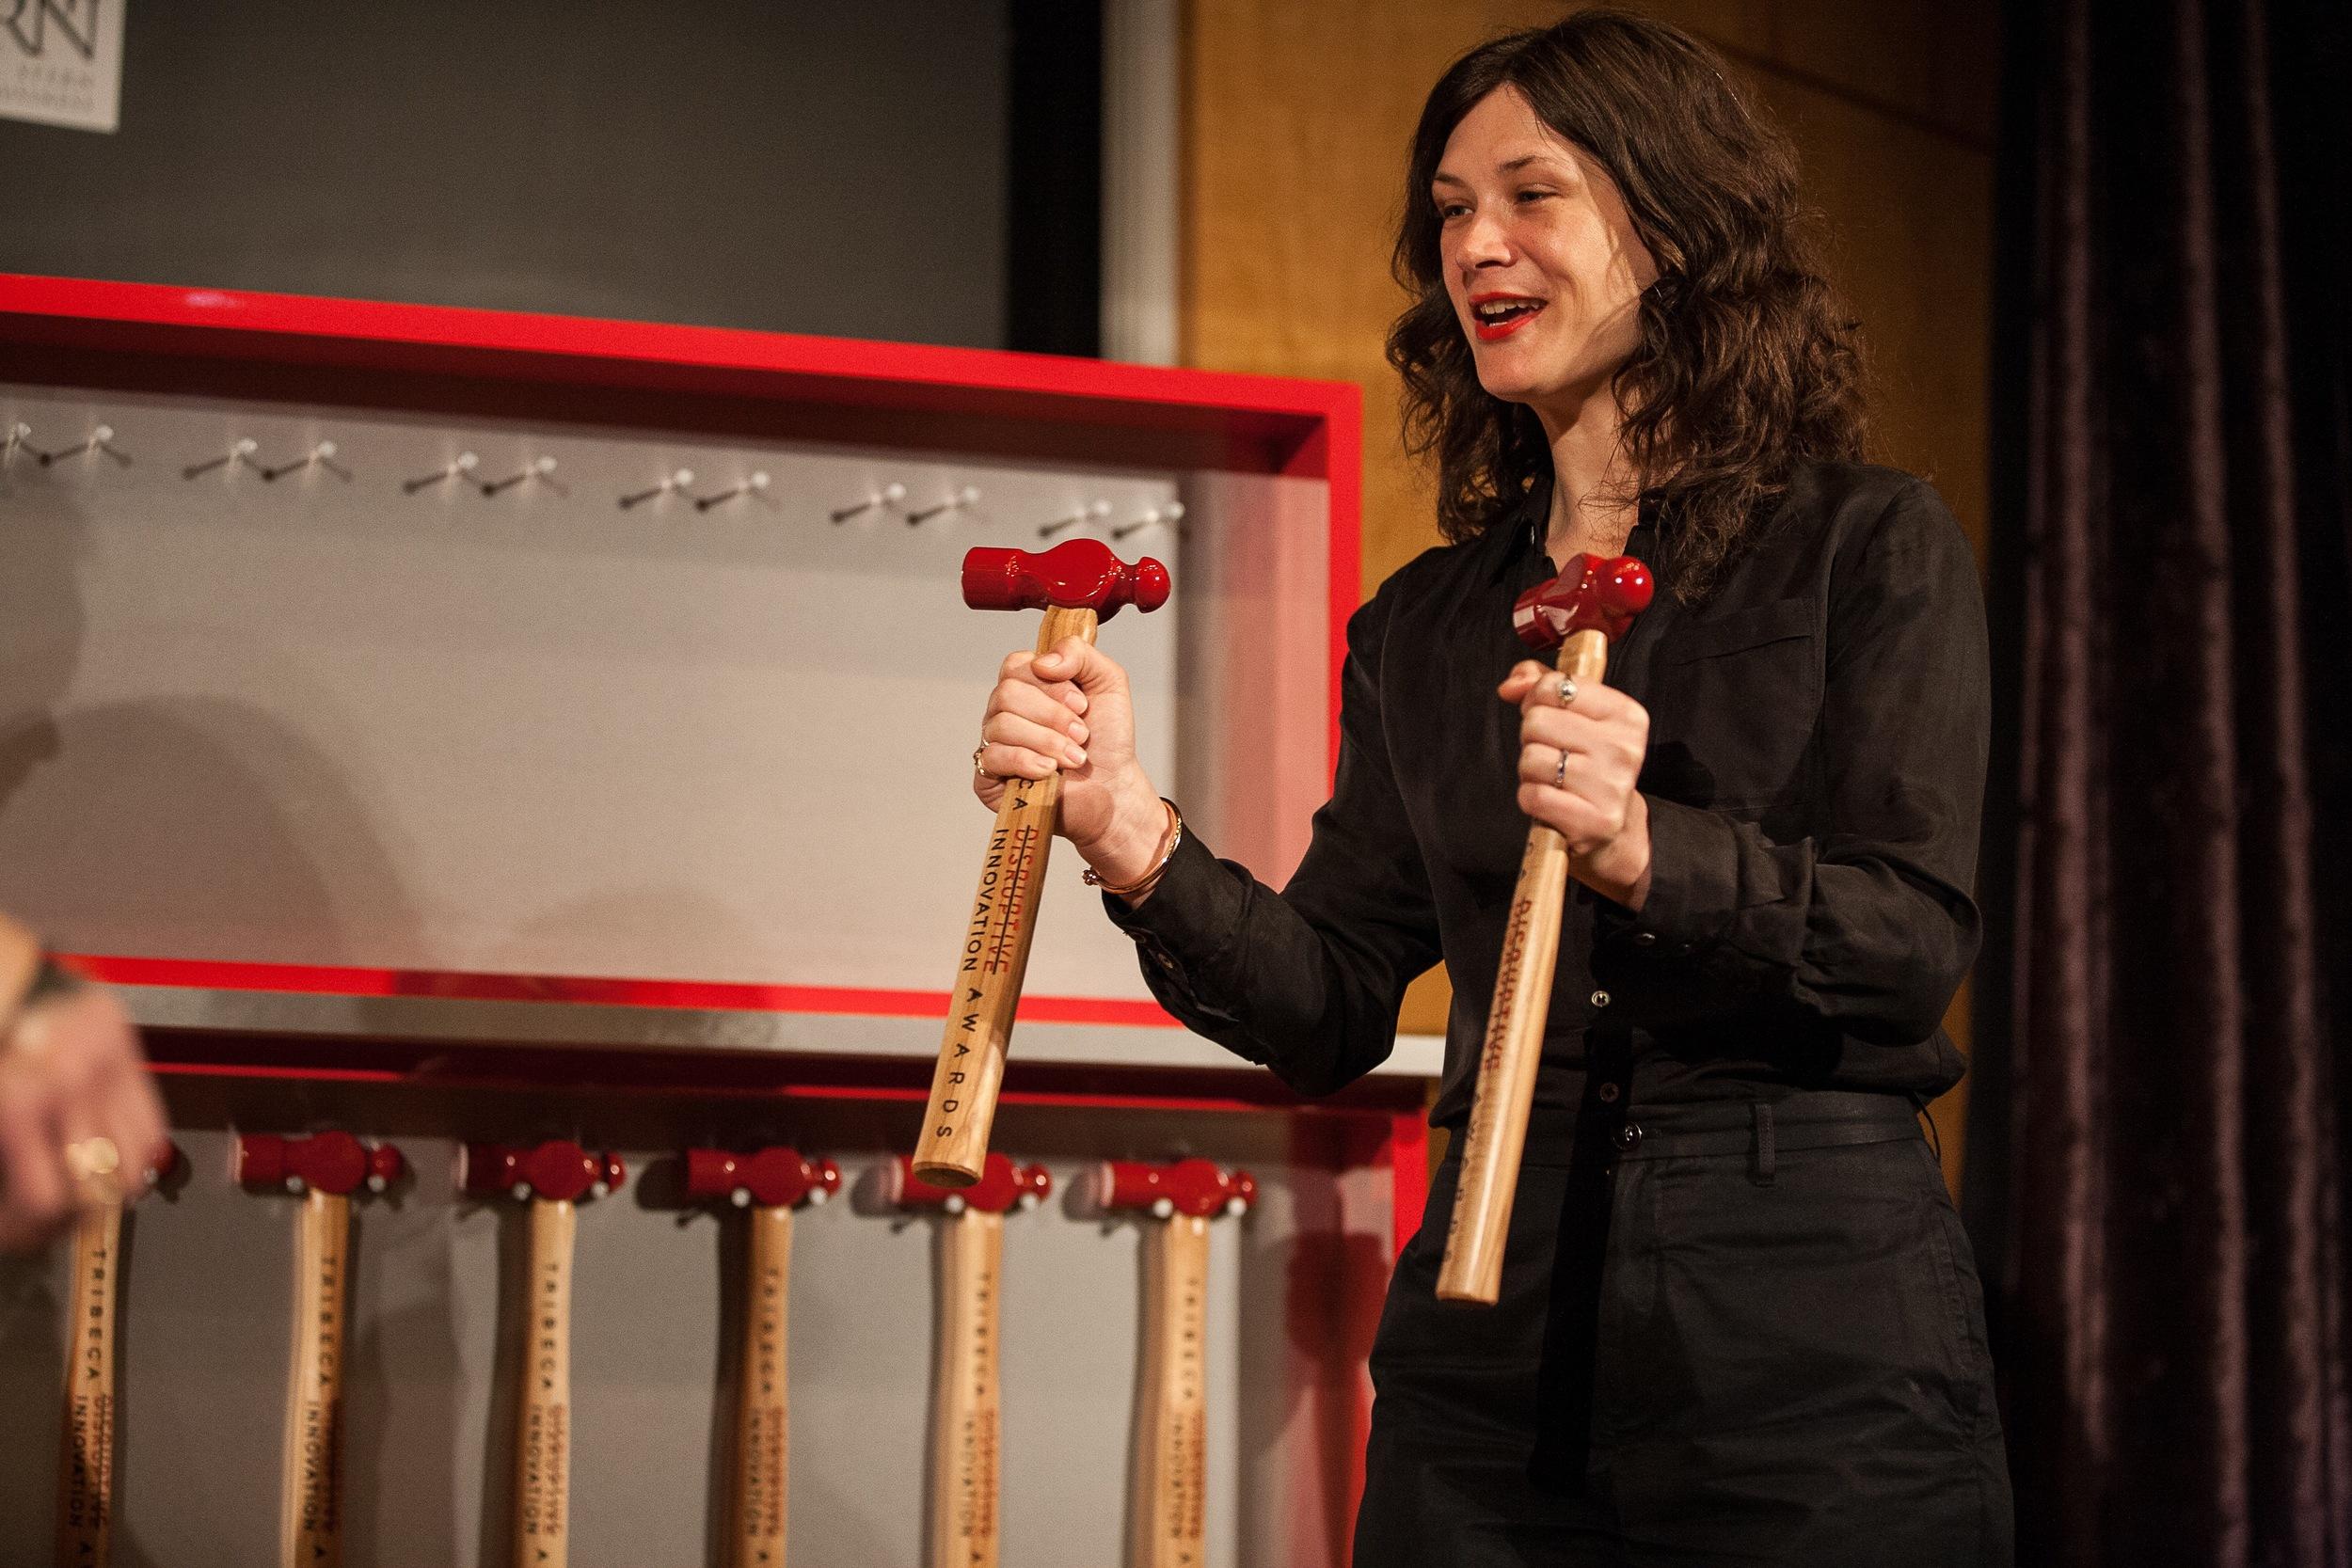 Tribeca Disruptive Innovation Awards 2013 - 087.jpg